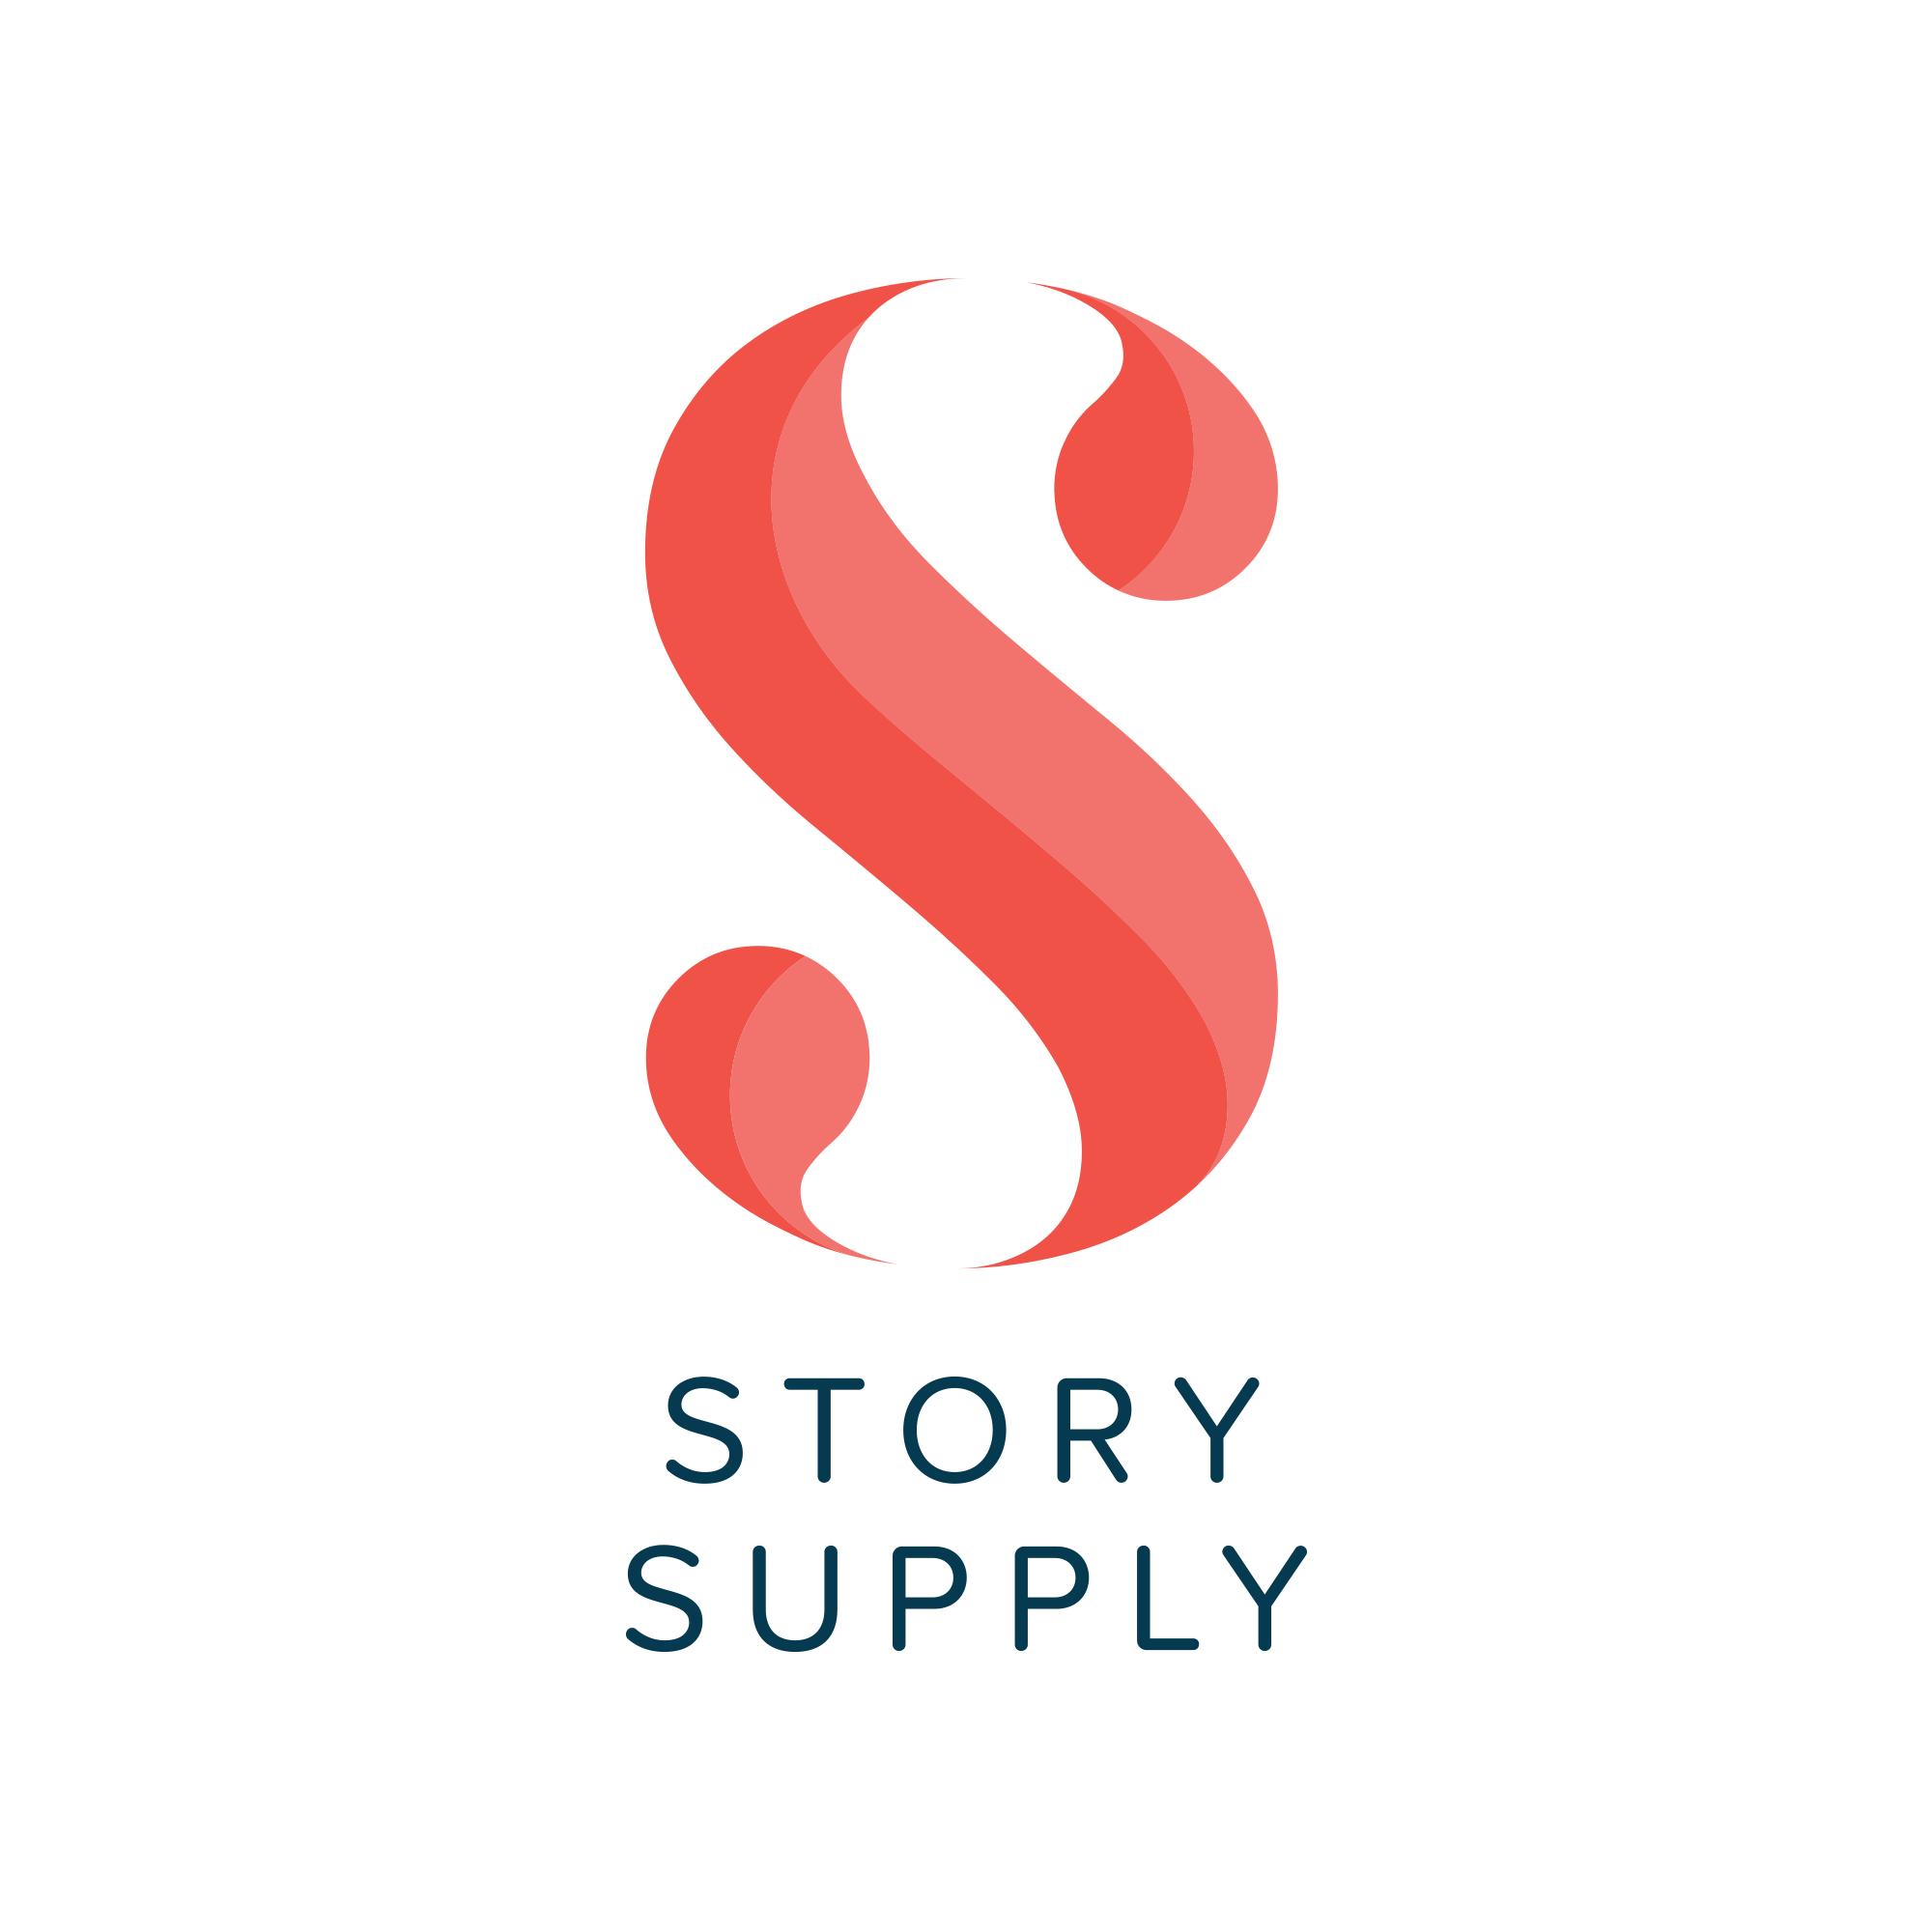 Surrey logo design  afforable logos designed to